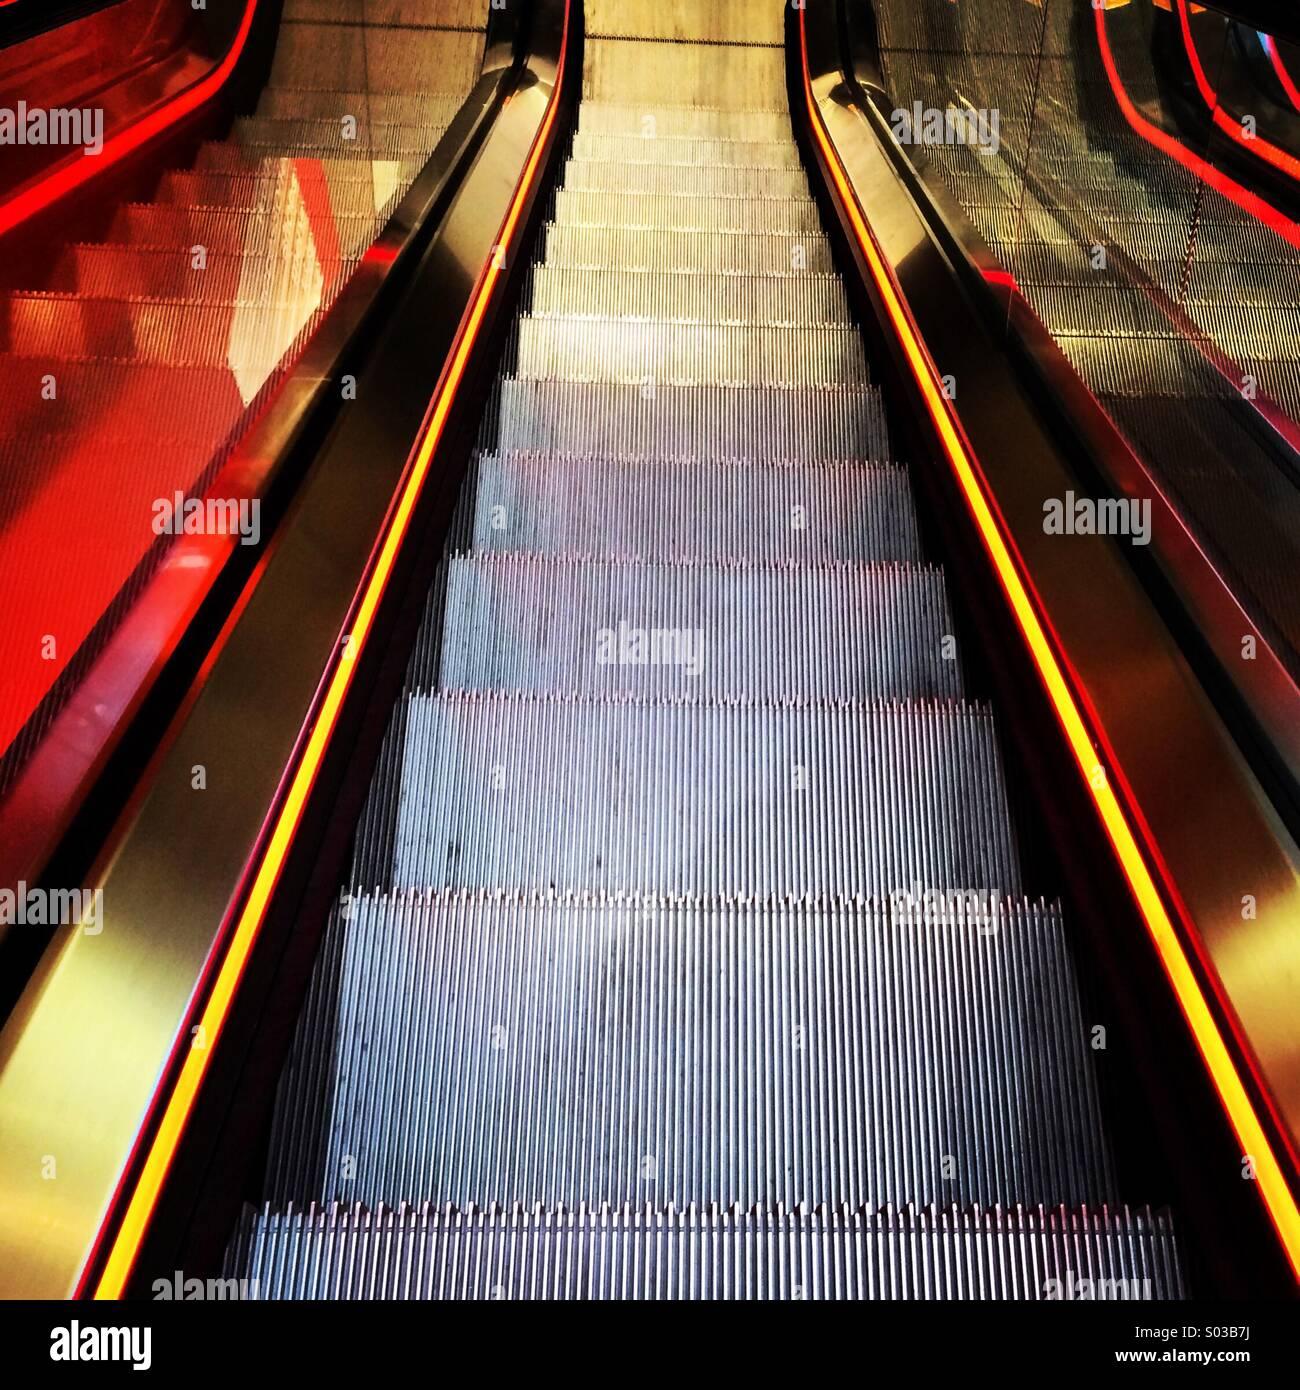 Neon beleuchtete Rolltreppe. Stockbild